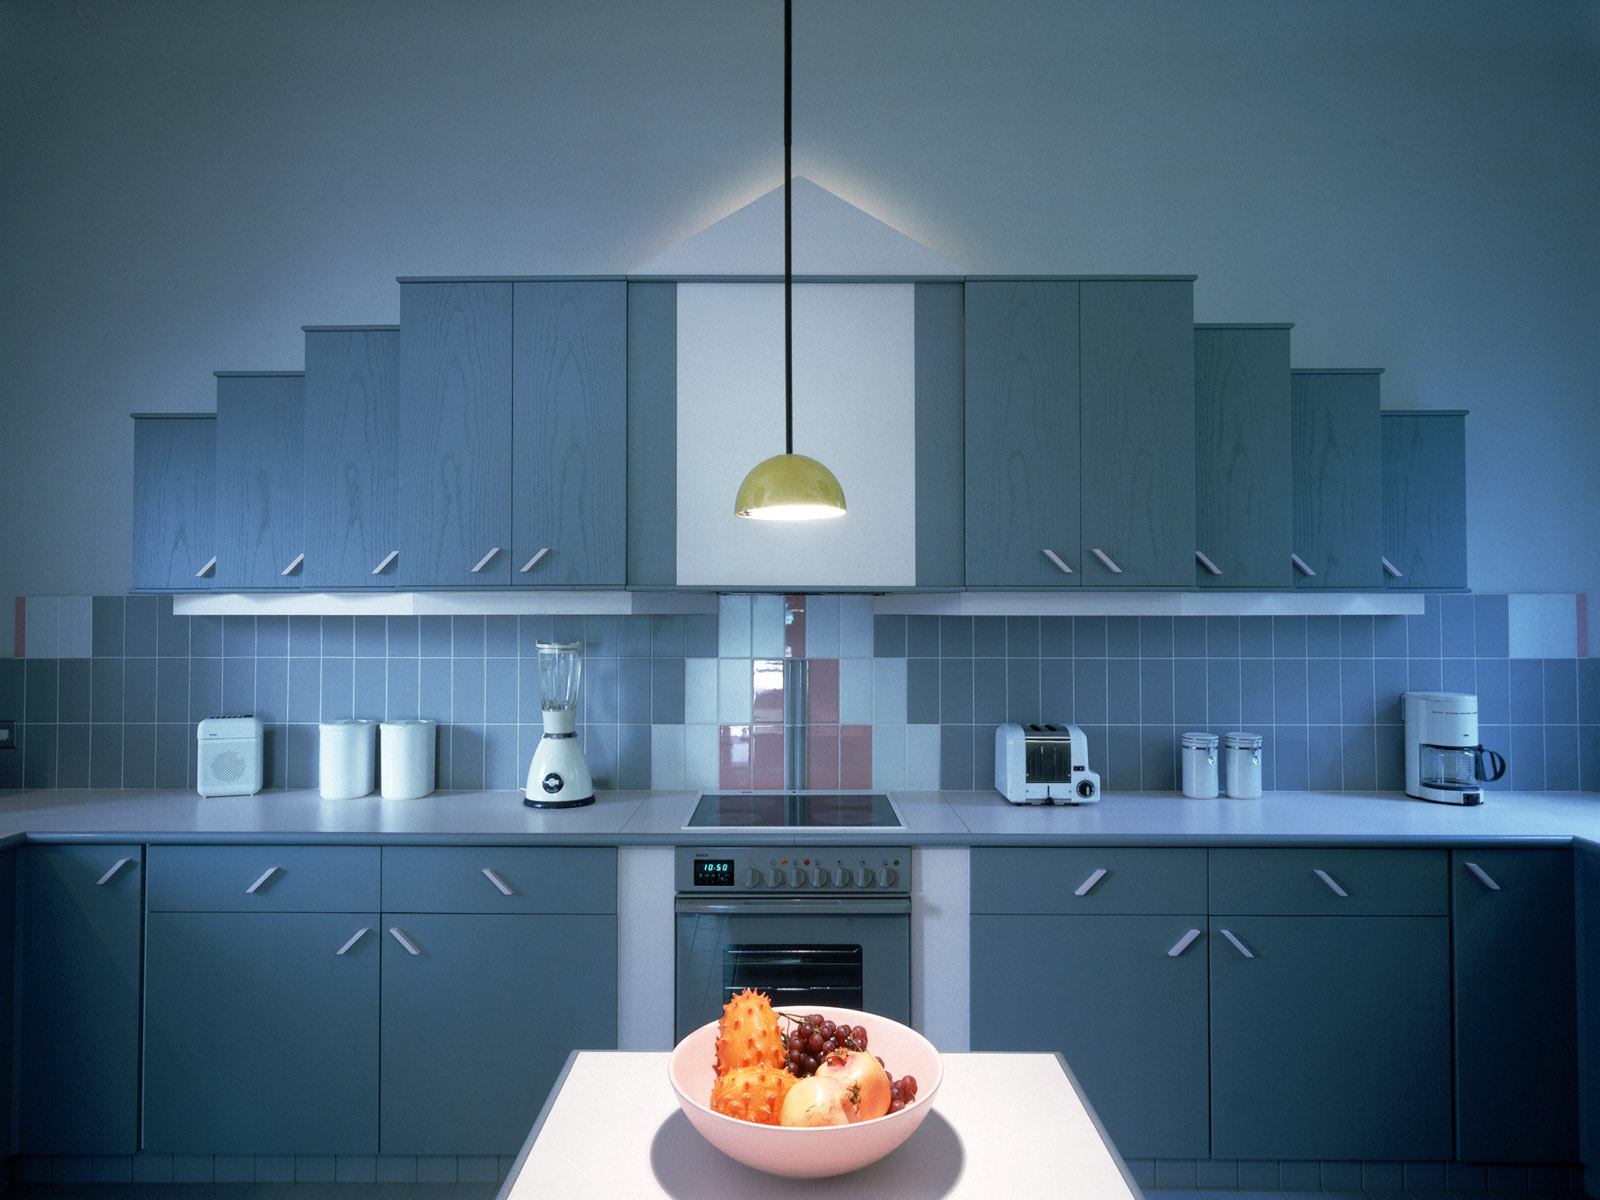 Condo Apartment Interior Design